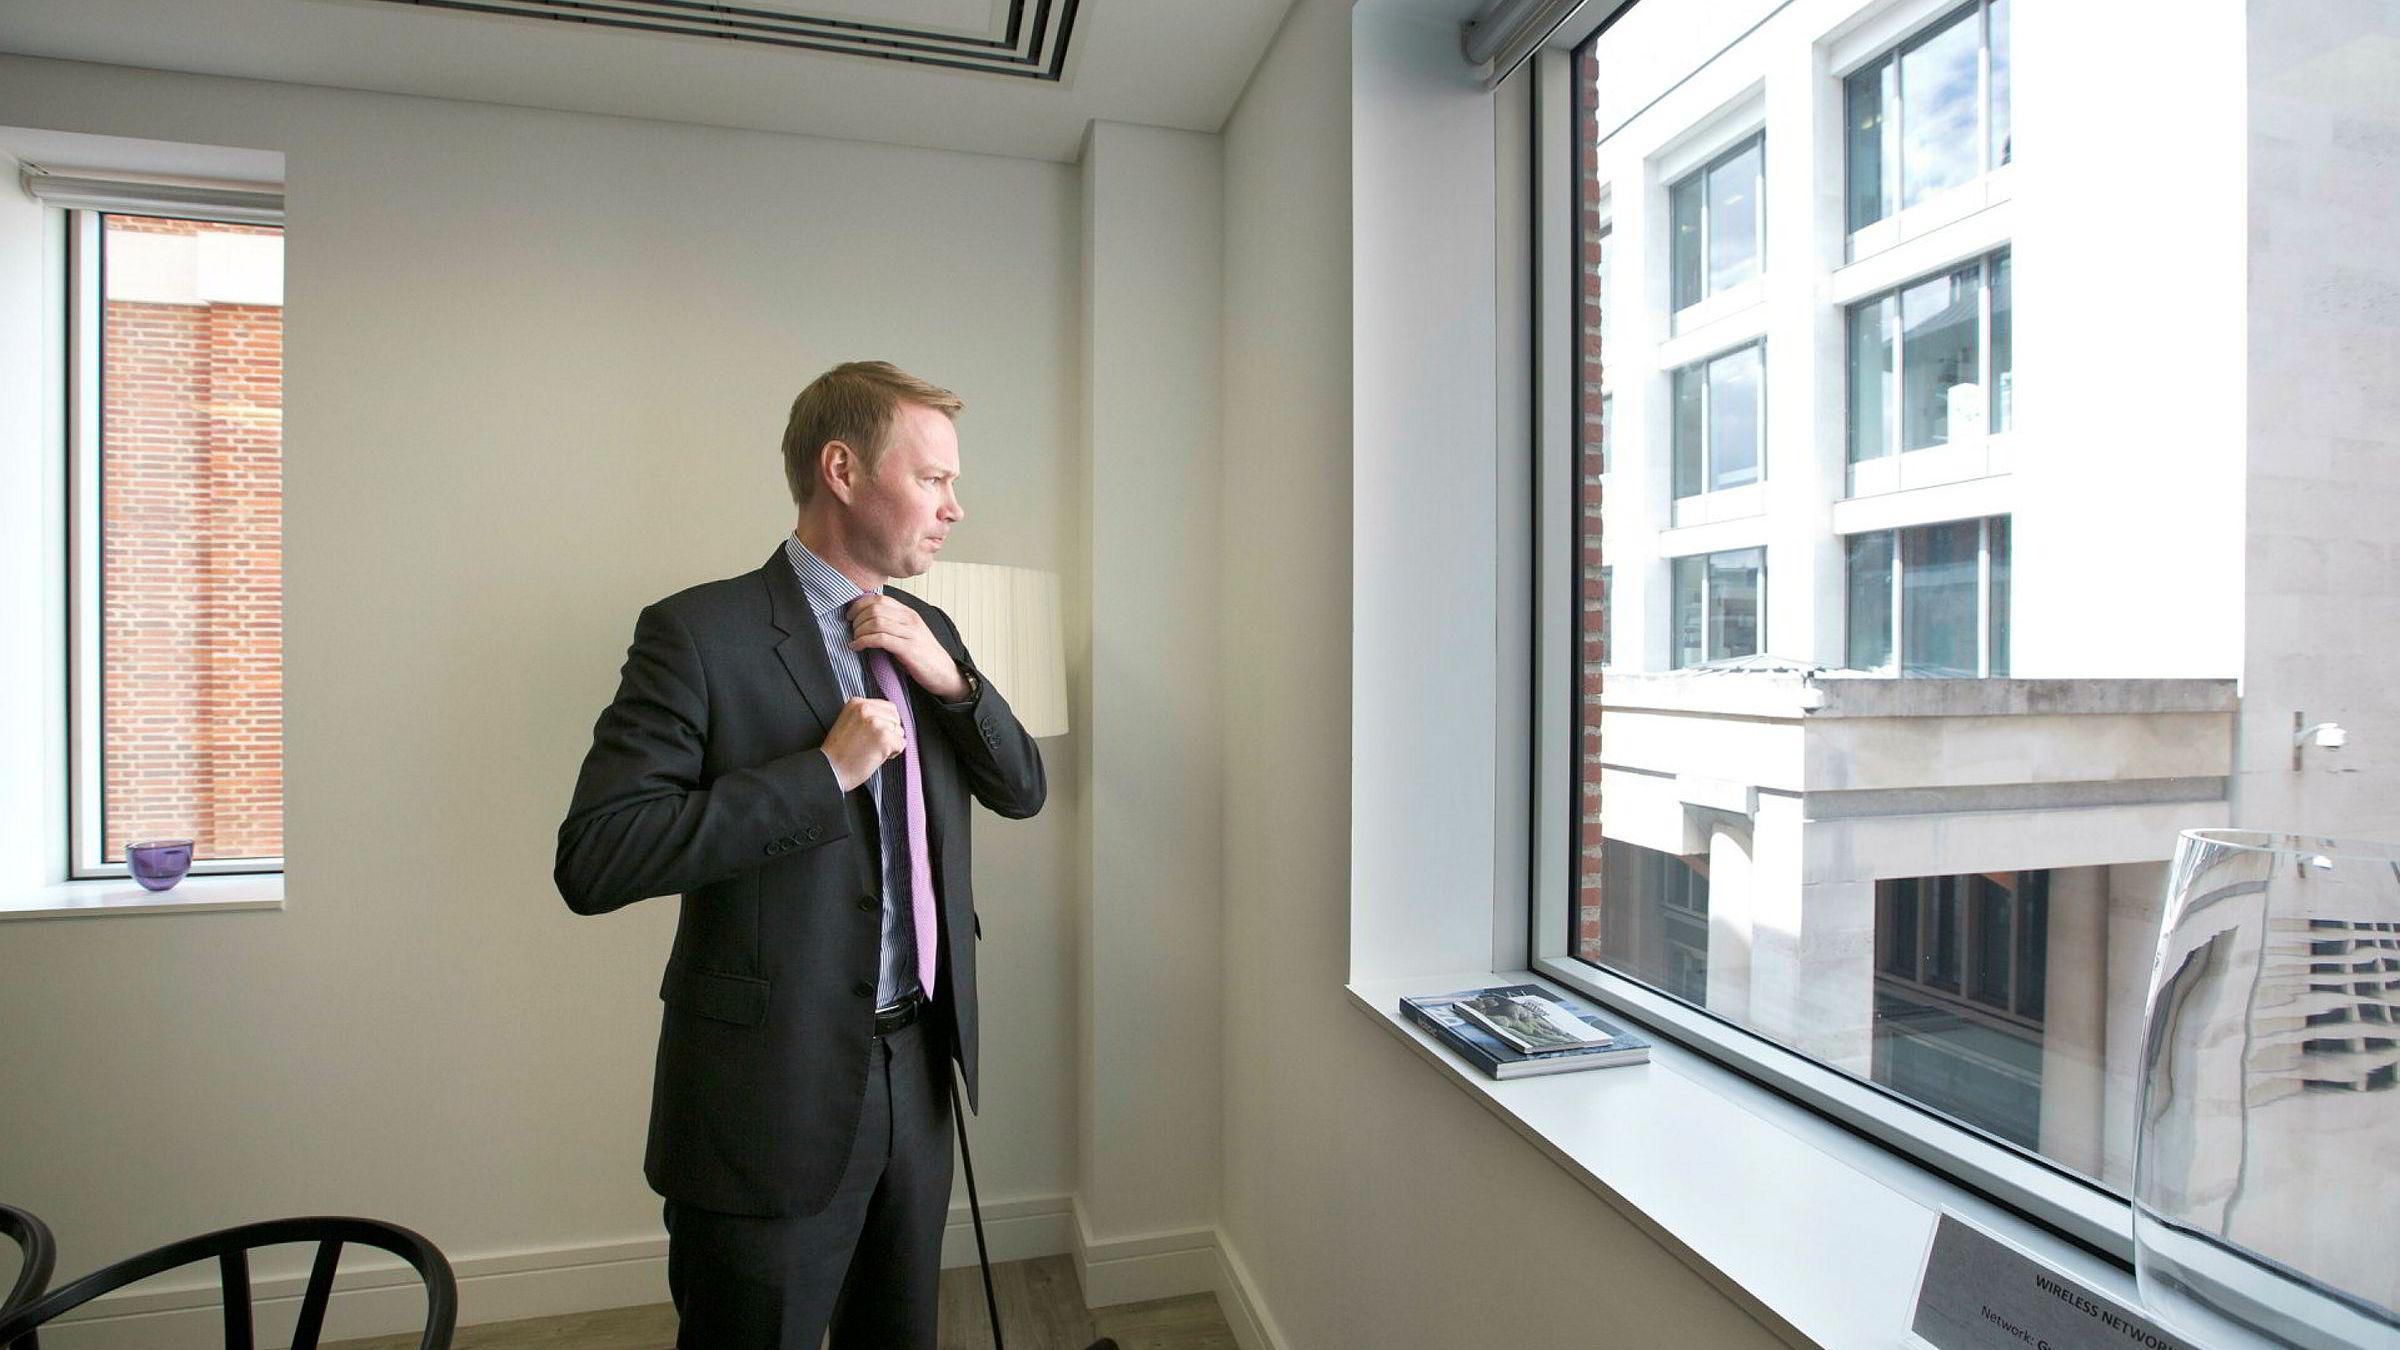 Lars Eirik Gåseide Røsås, partner i Advkatfirmaet Thommessen i London, tror Brexit kan bli forsinket som følge av valgresultatet.